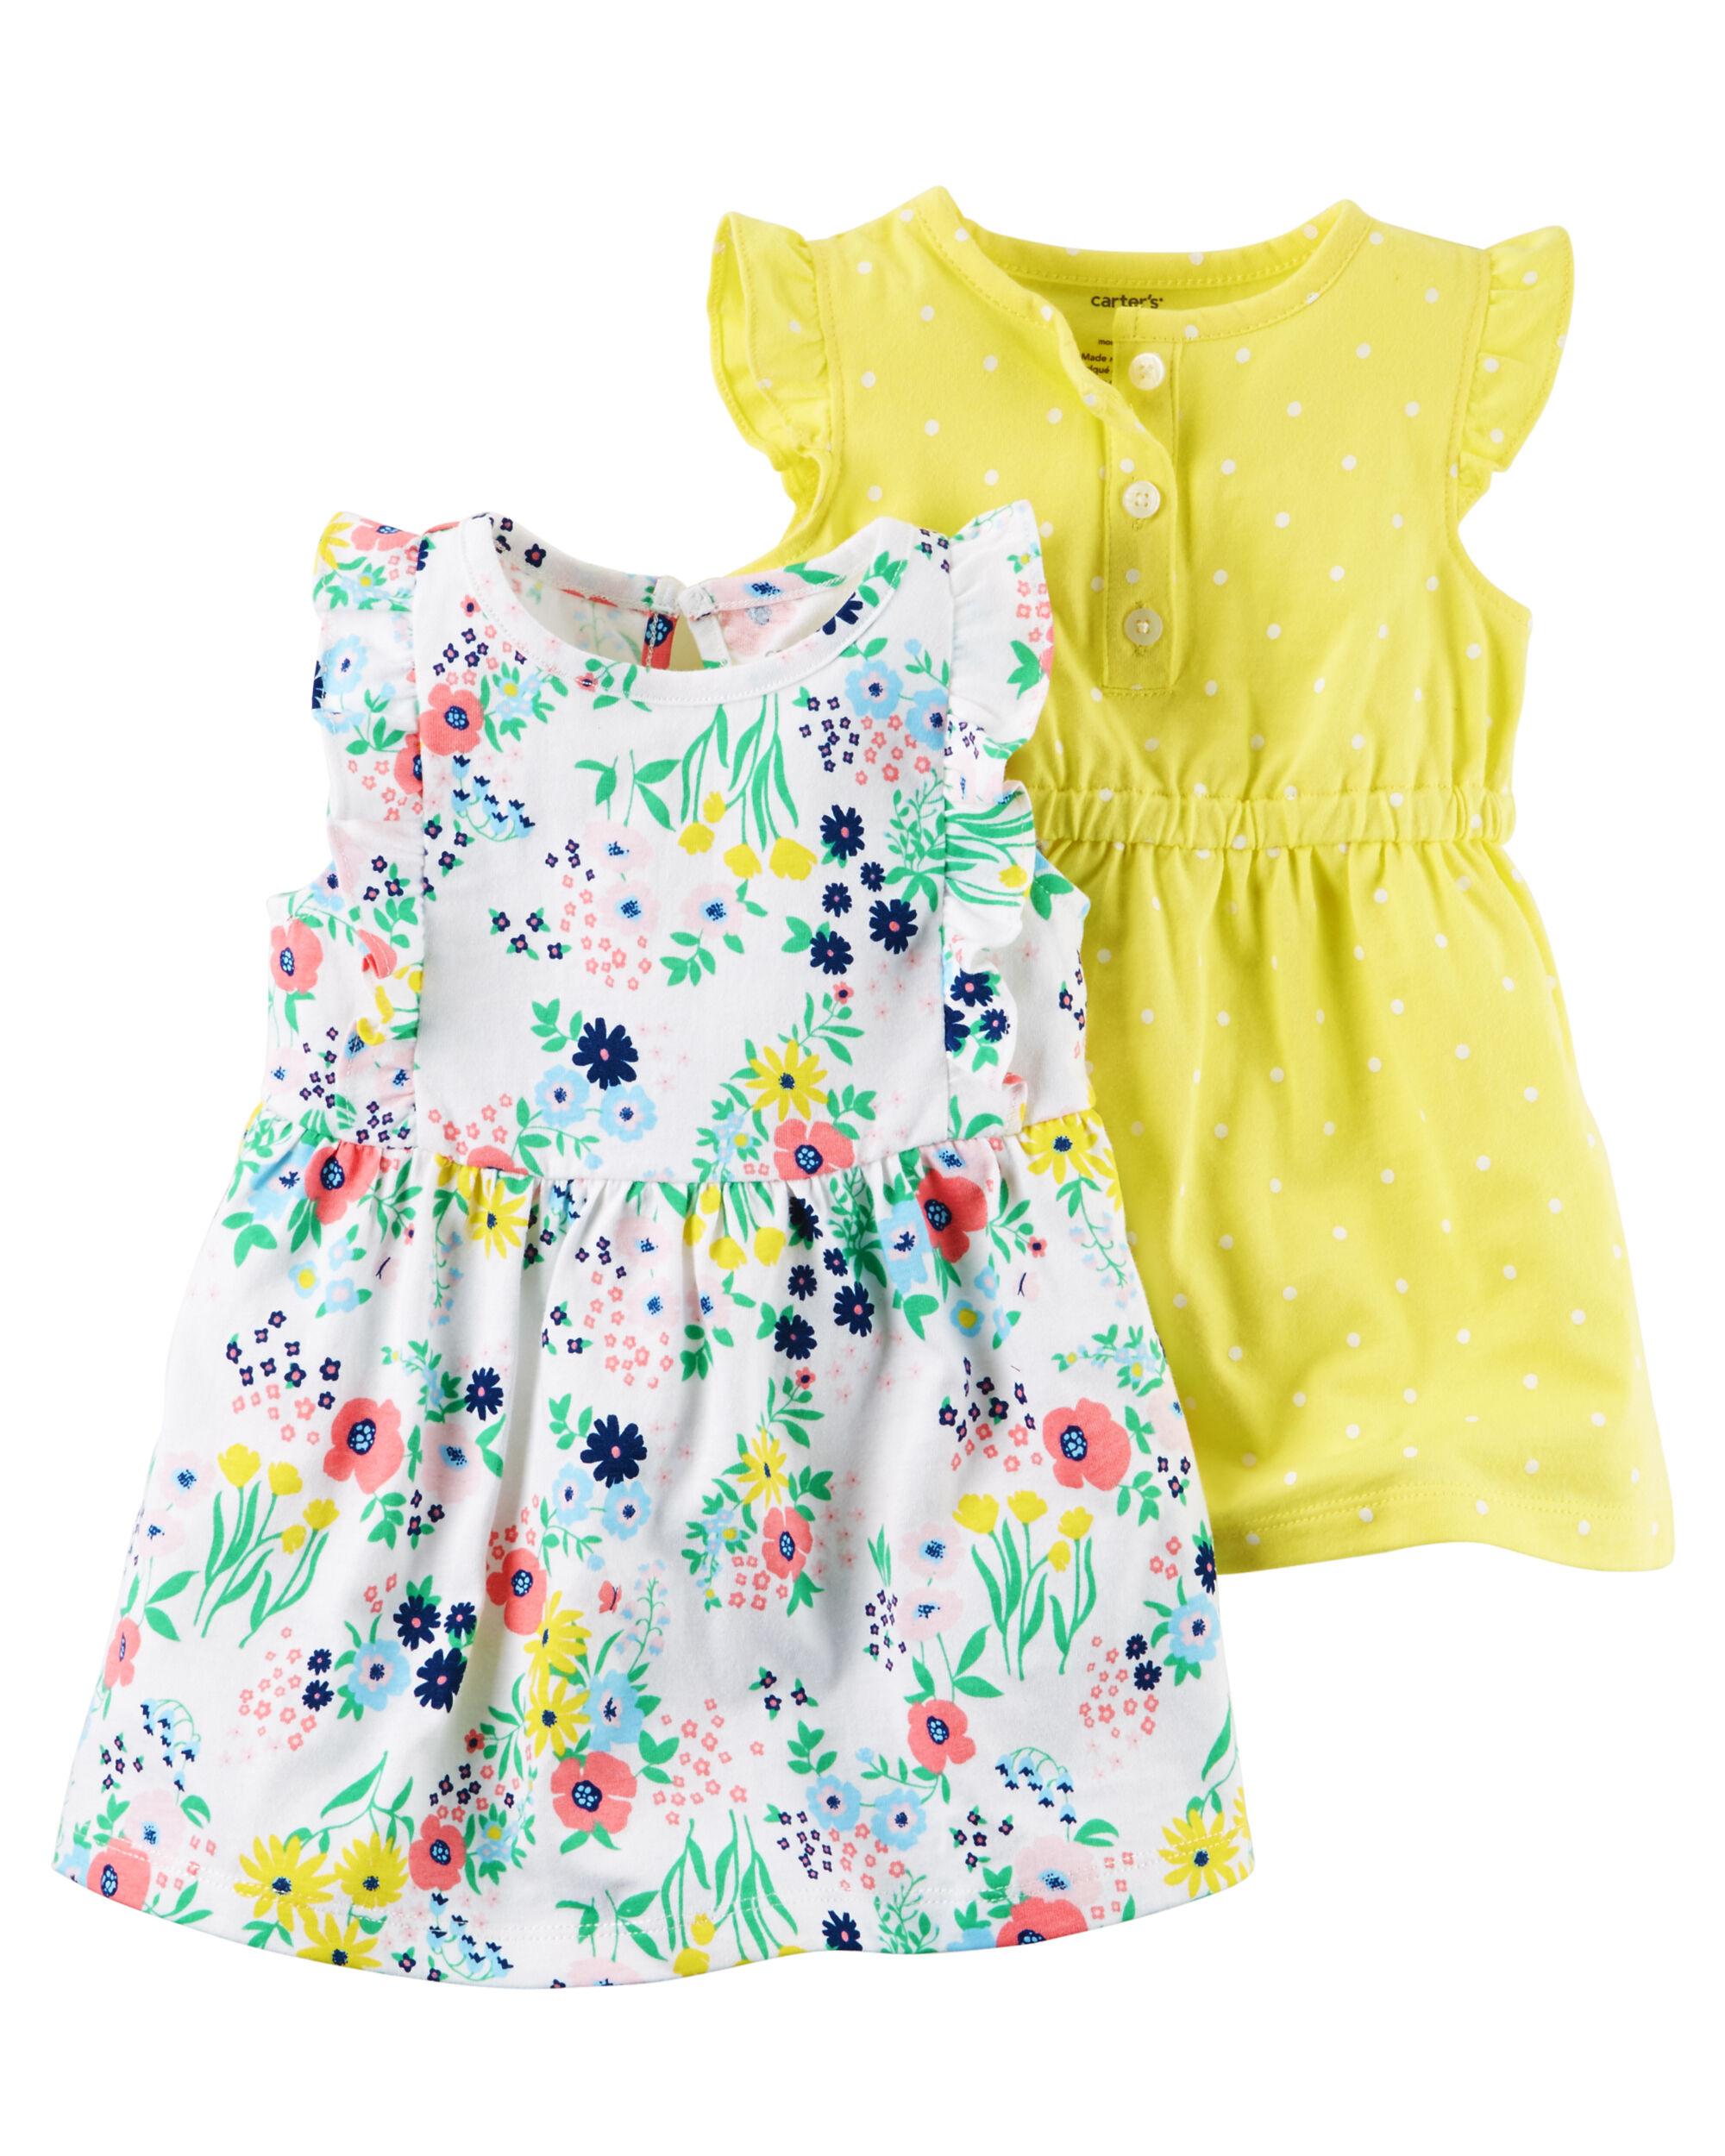 2-Pack Dress Set | Carters.com